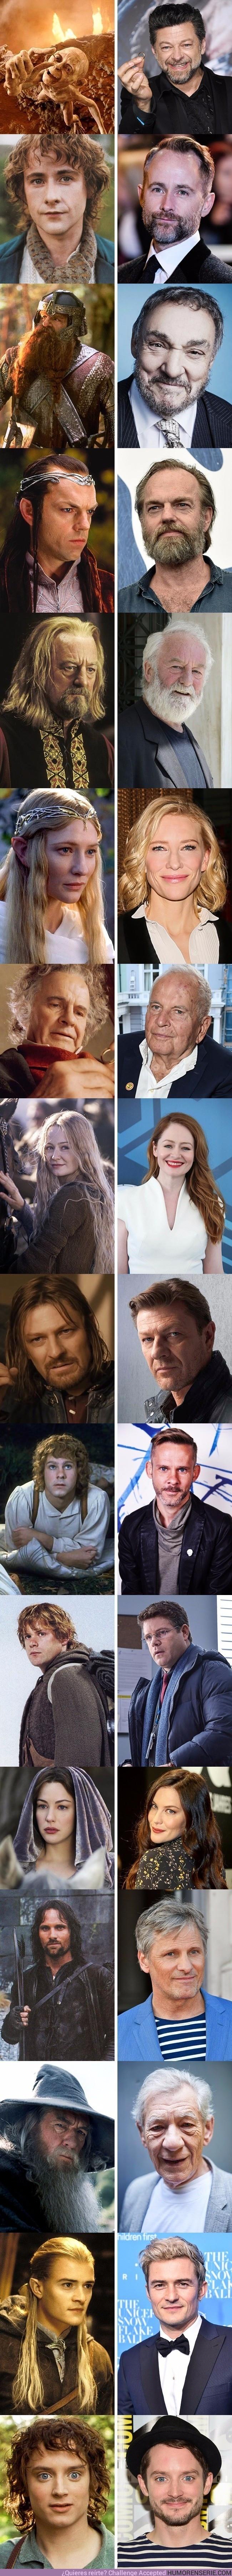 15010 - Así están los actores de la trilogía